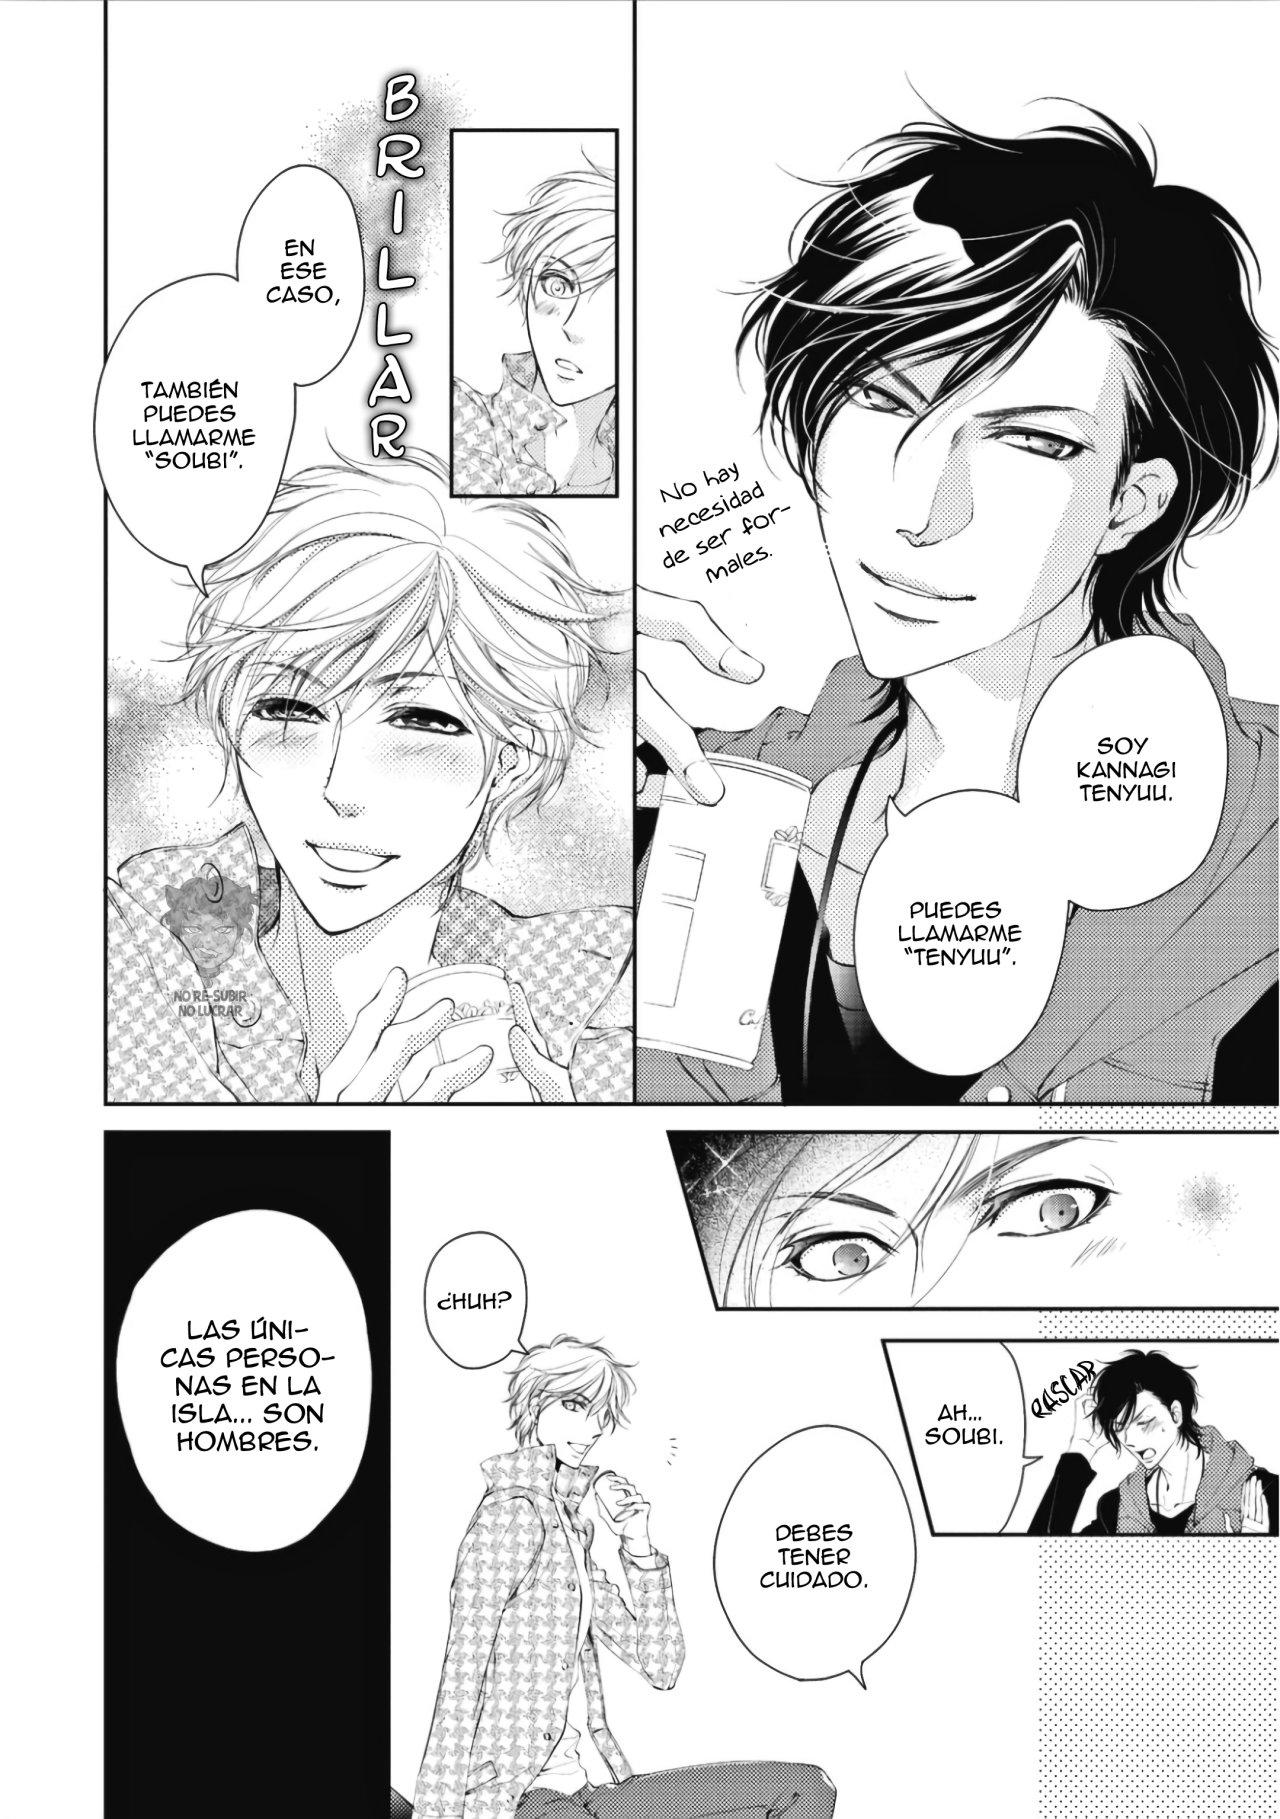 https://nine.mangadogs.com/es_manga/pic8/51/36659/946321/50cb3aa04fcde6eb1df8c0ff0b357fd4.jpg Page 14